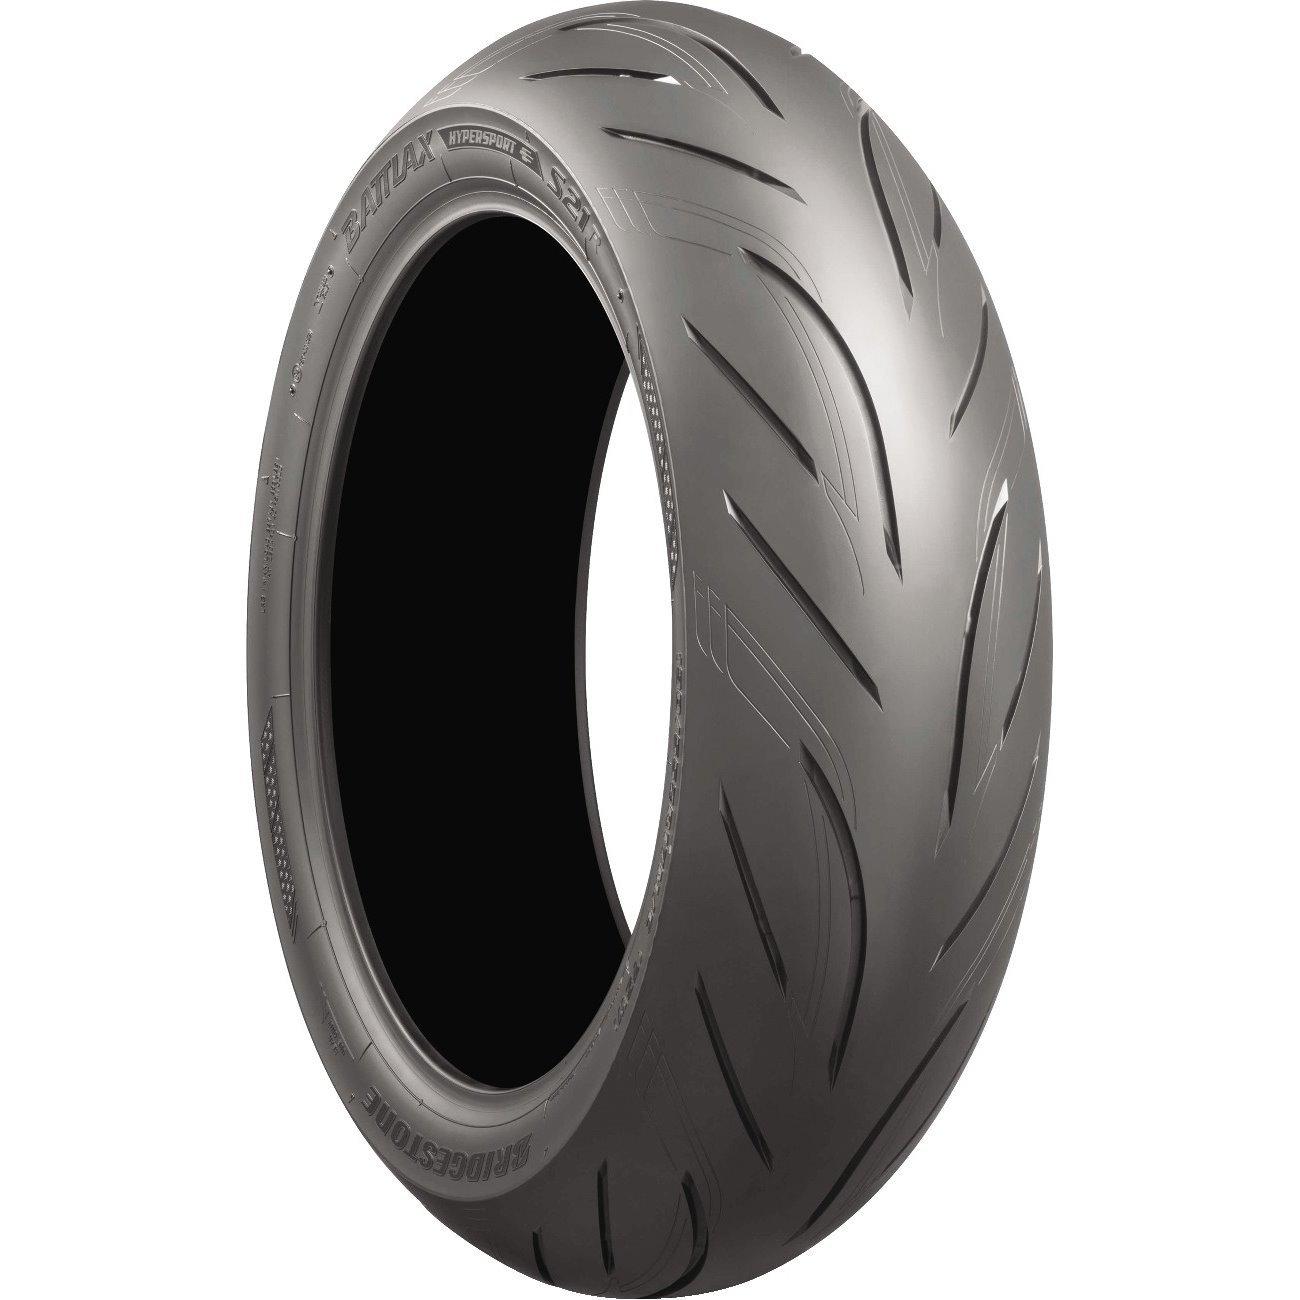 BRIDGESTONE Battlax S21 Hypersport Street Front & Rear Tire Set, 120/70-17 58W & 180/55-17 73W by Bridgestone (Image #2)